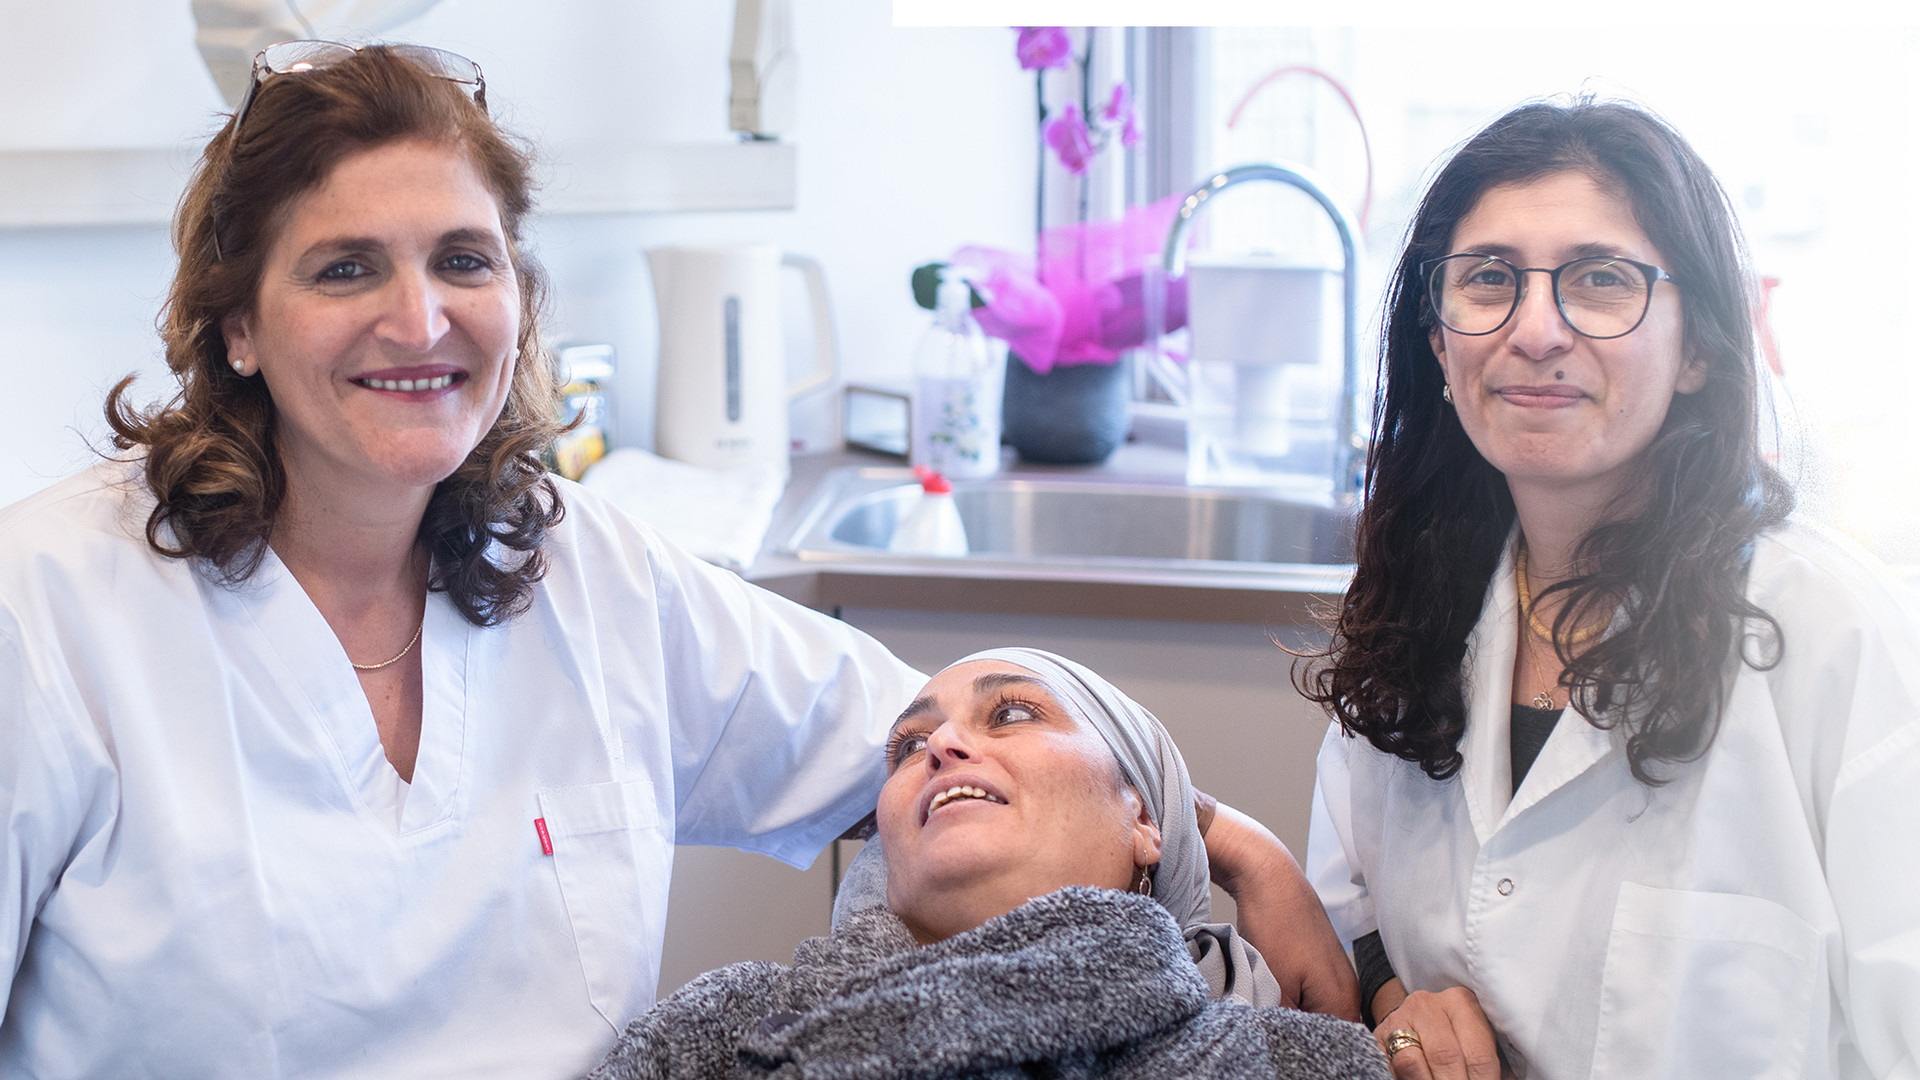 דר' מרילין, מרפאת שיניים, כפר סבא